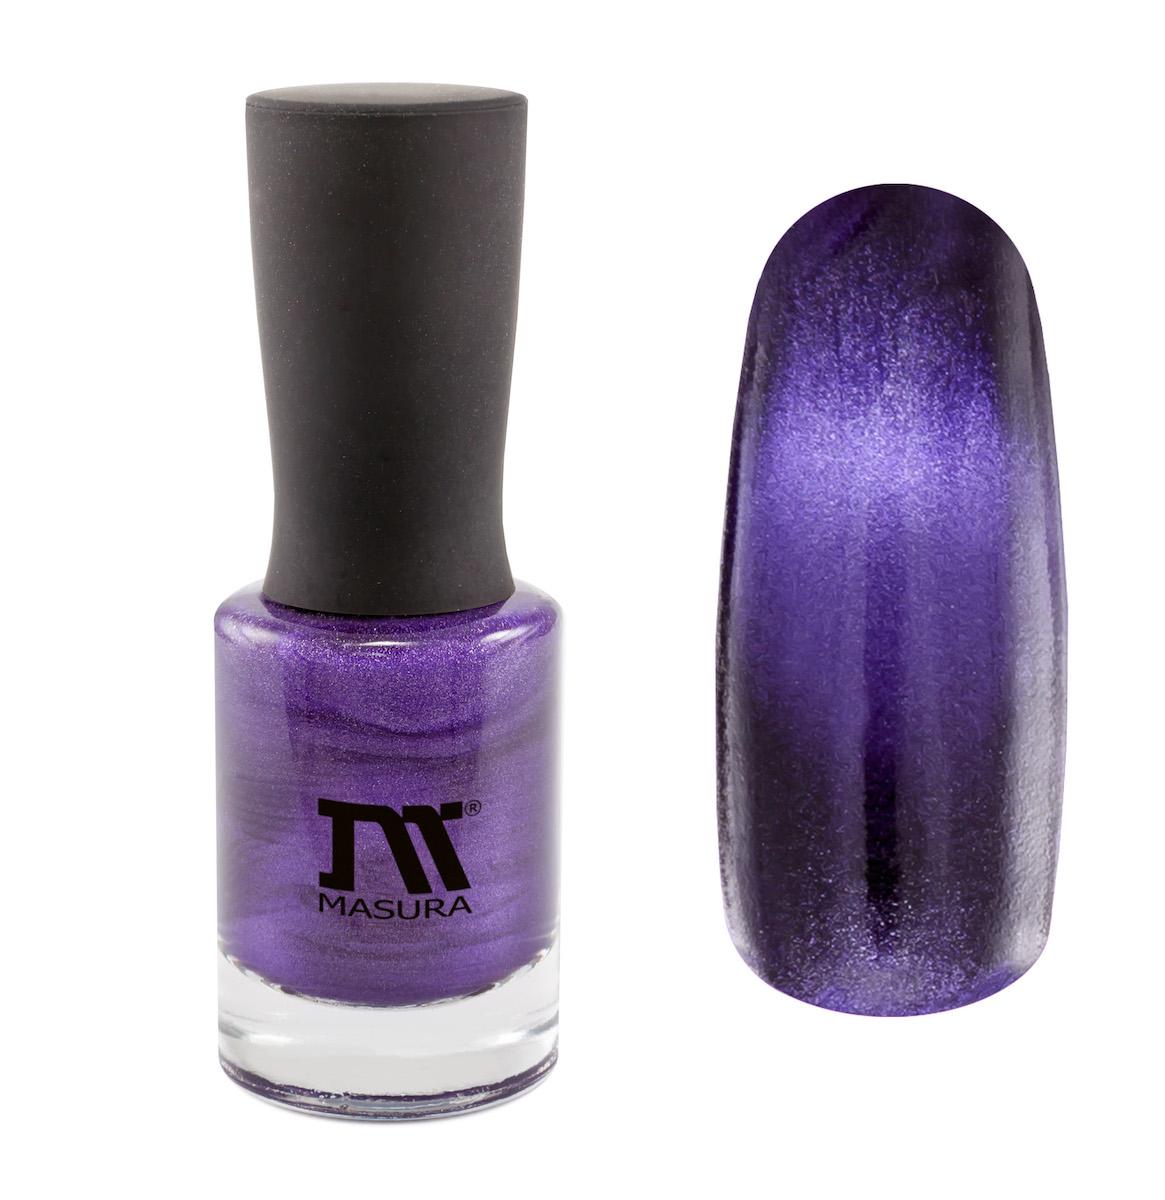 Masura Лак для ногтей Лиловый Ангелит, 11 млB2805704глубокий пурпурный, с сиреневым подтоном, плотный